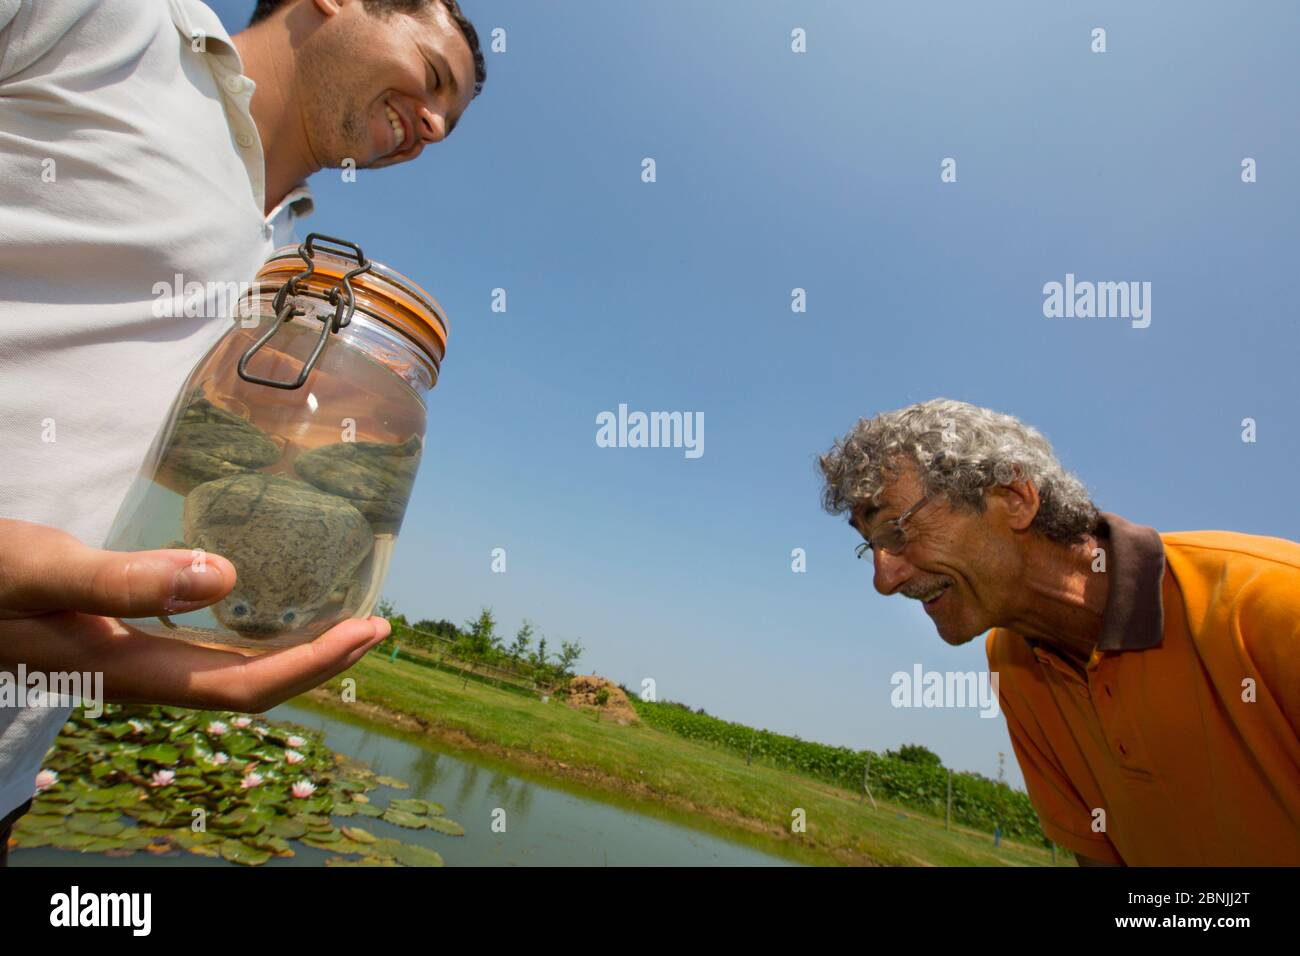 Grenouille à tête clavetée africaine (Xenopus laevis) introduite accidentellement en France; hommes regardant un spécimen de grenouille capturée, dans le cadre du plan d'action pour combattre cette alie Banque D'Images